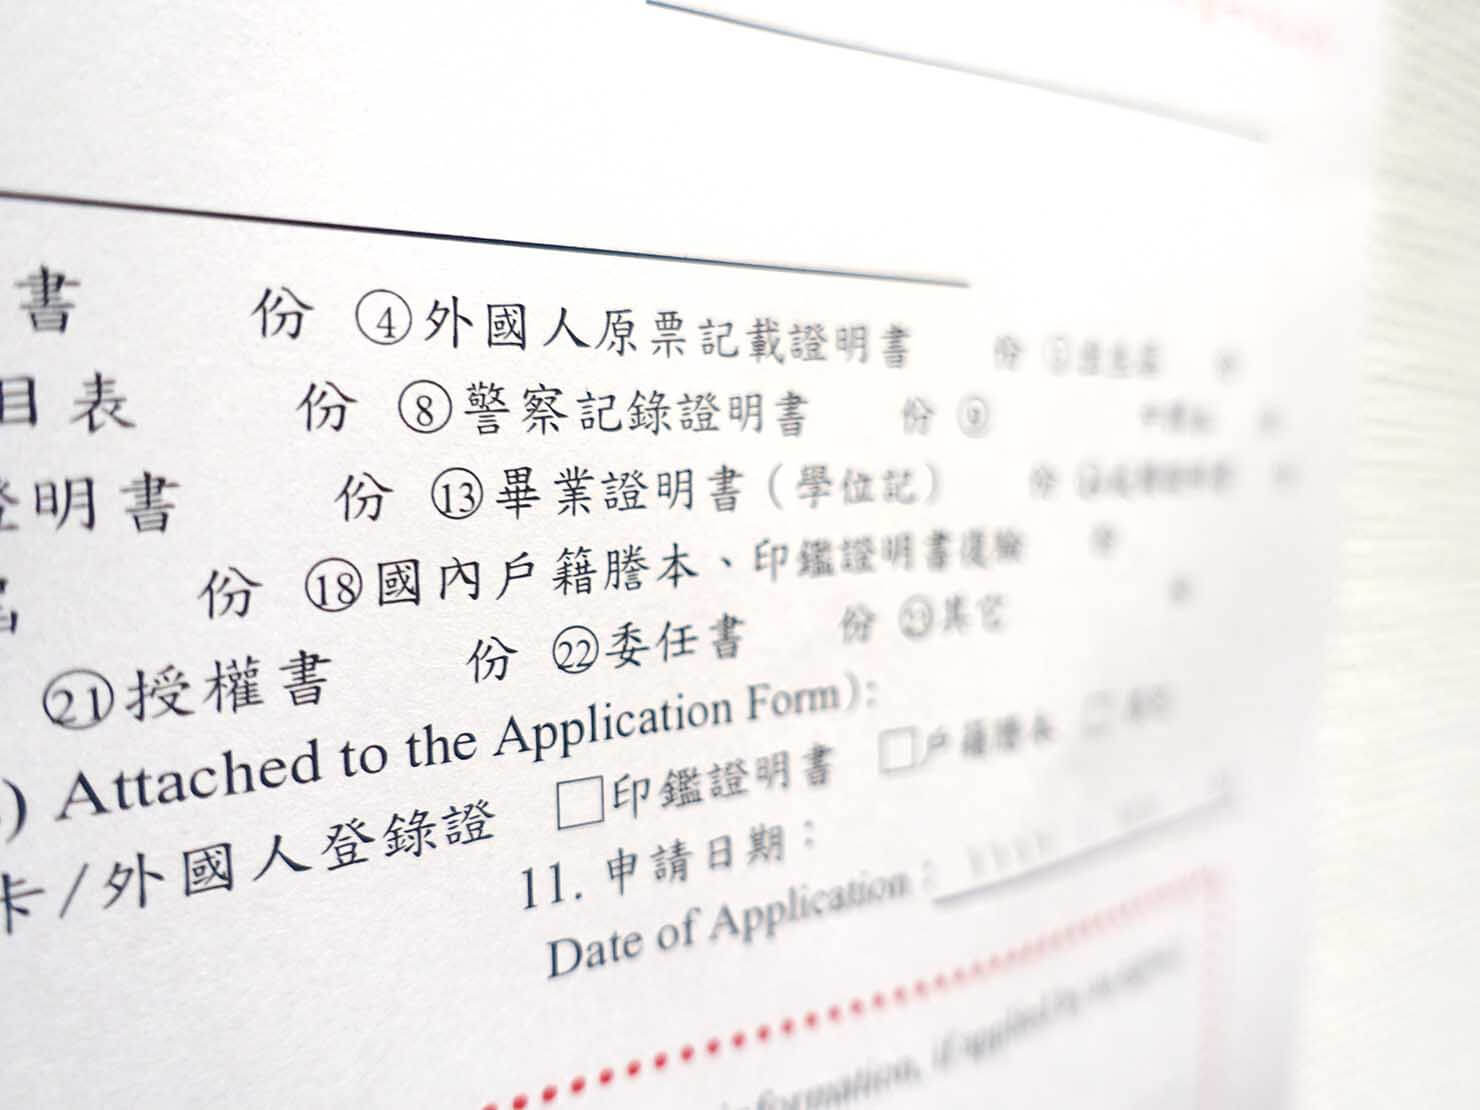 台北経済文化代表処の「一般文件證明申請表」で申請できる書類